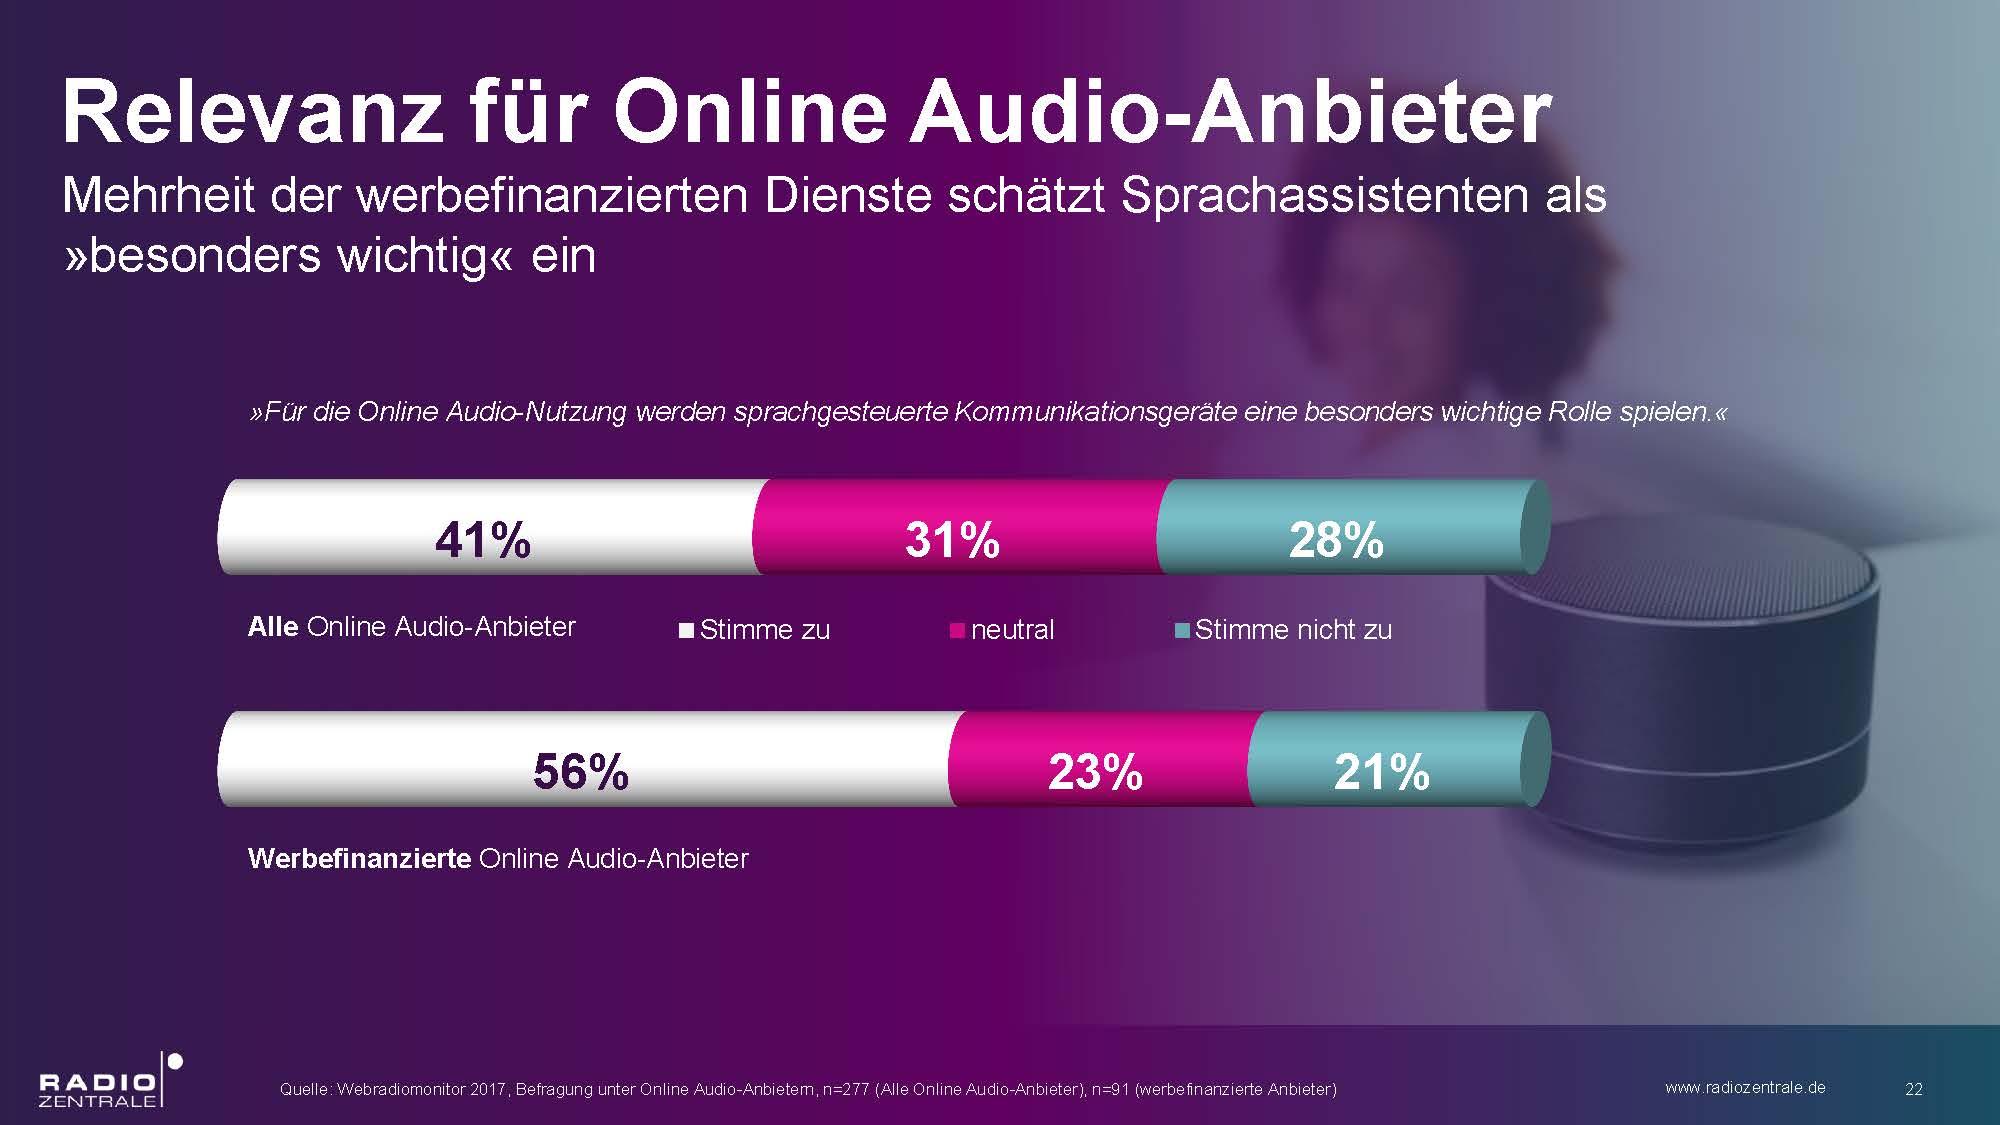 relevanz-fuer-online-audio-anbieter